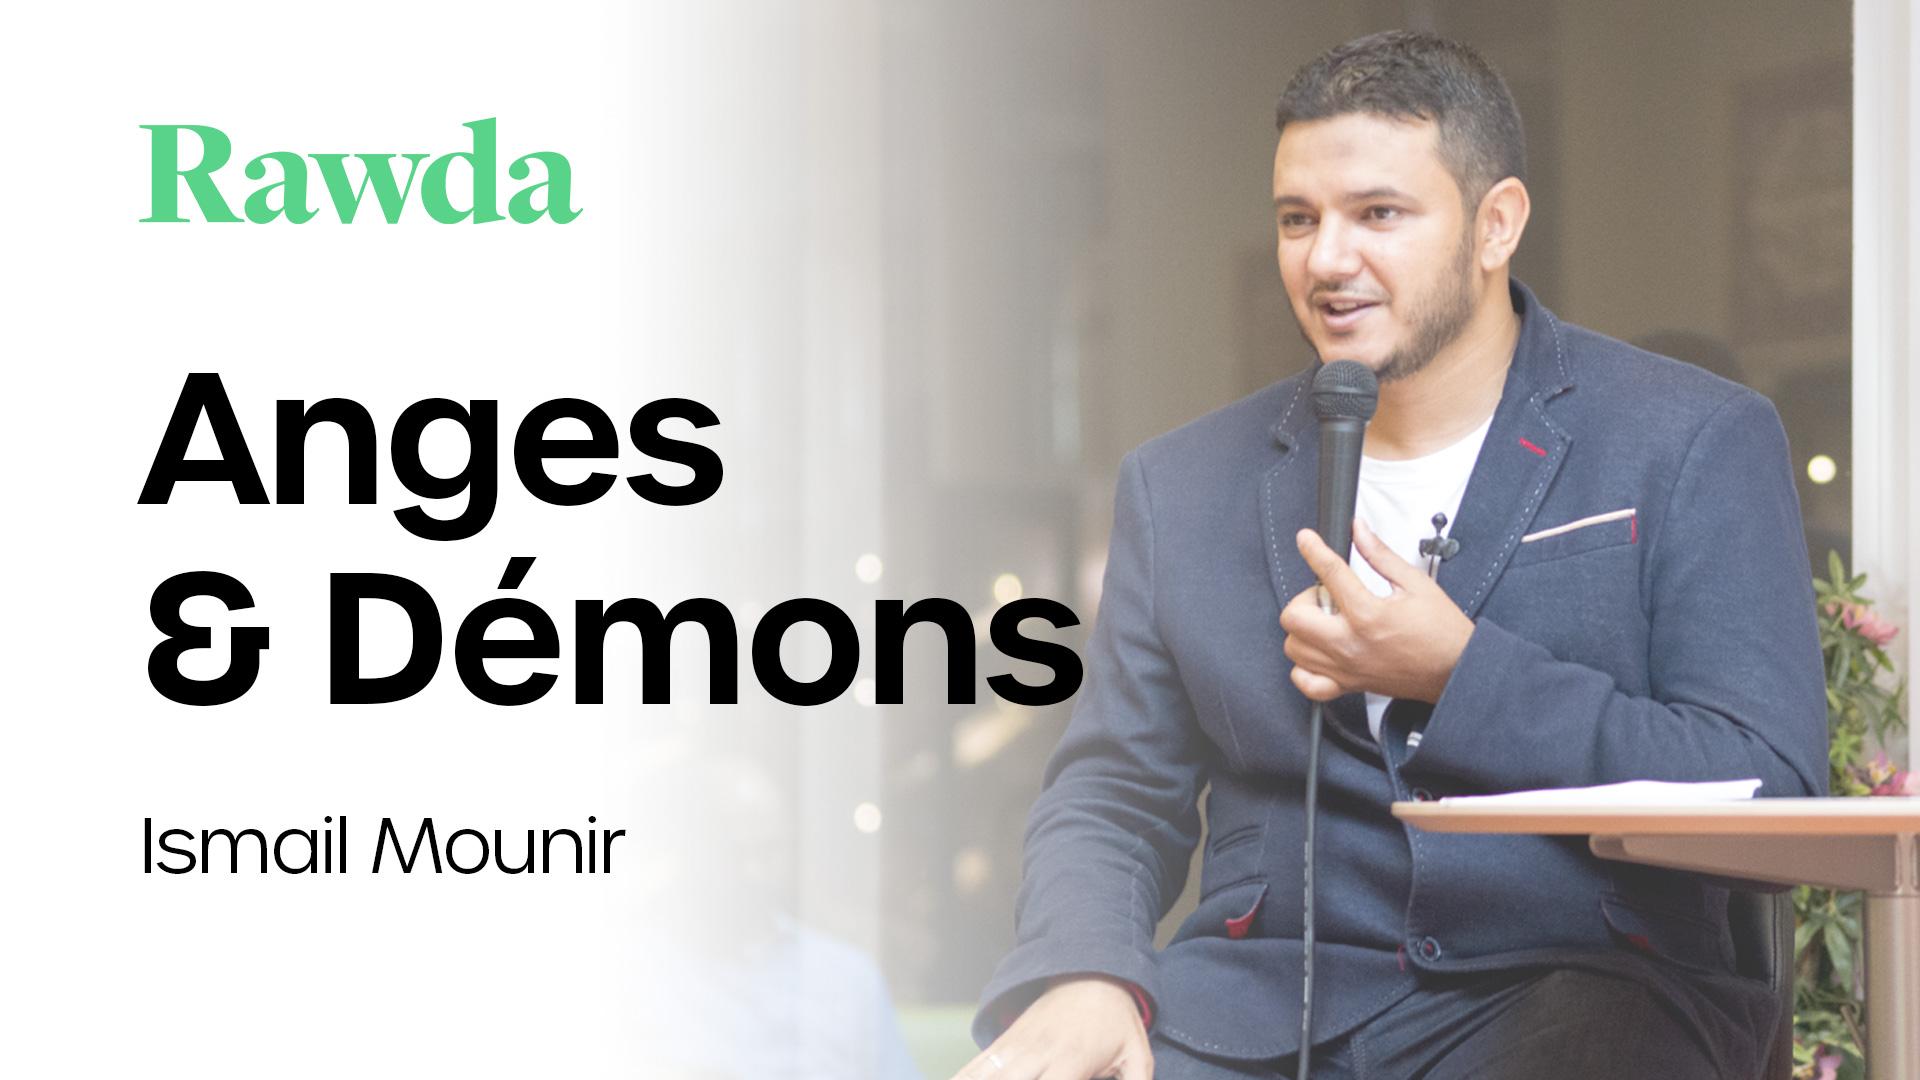 Miniature du cours : Anges & Démons